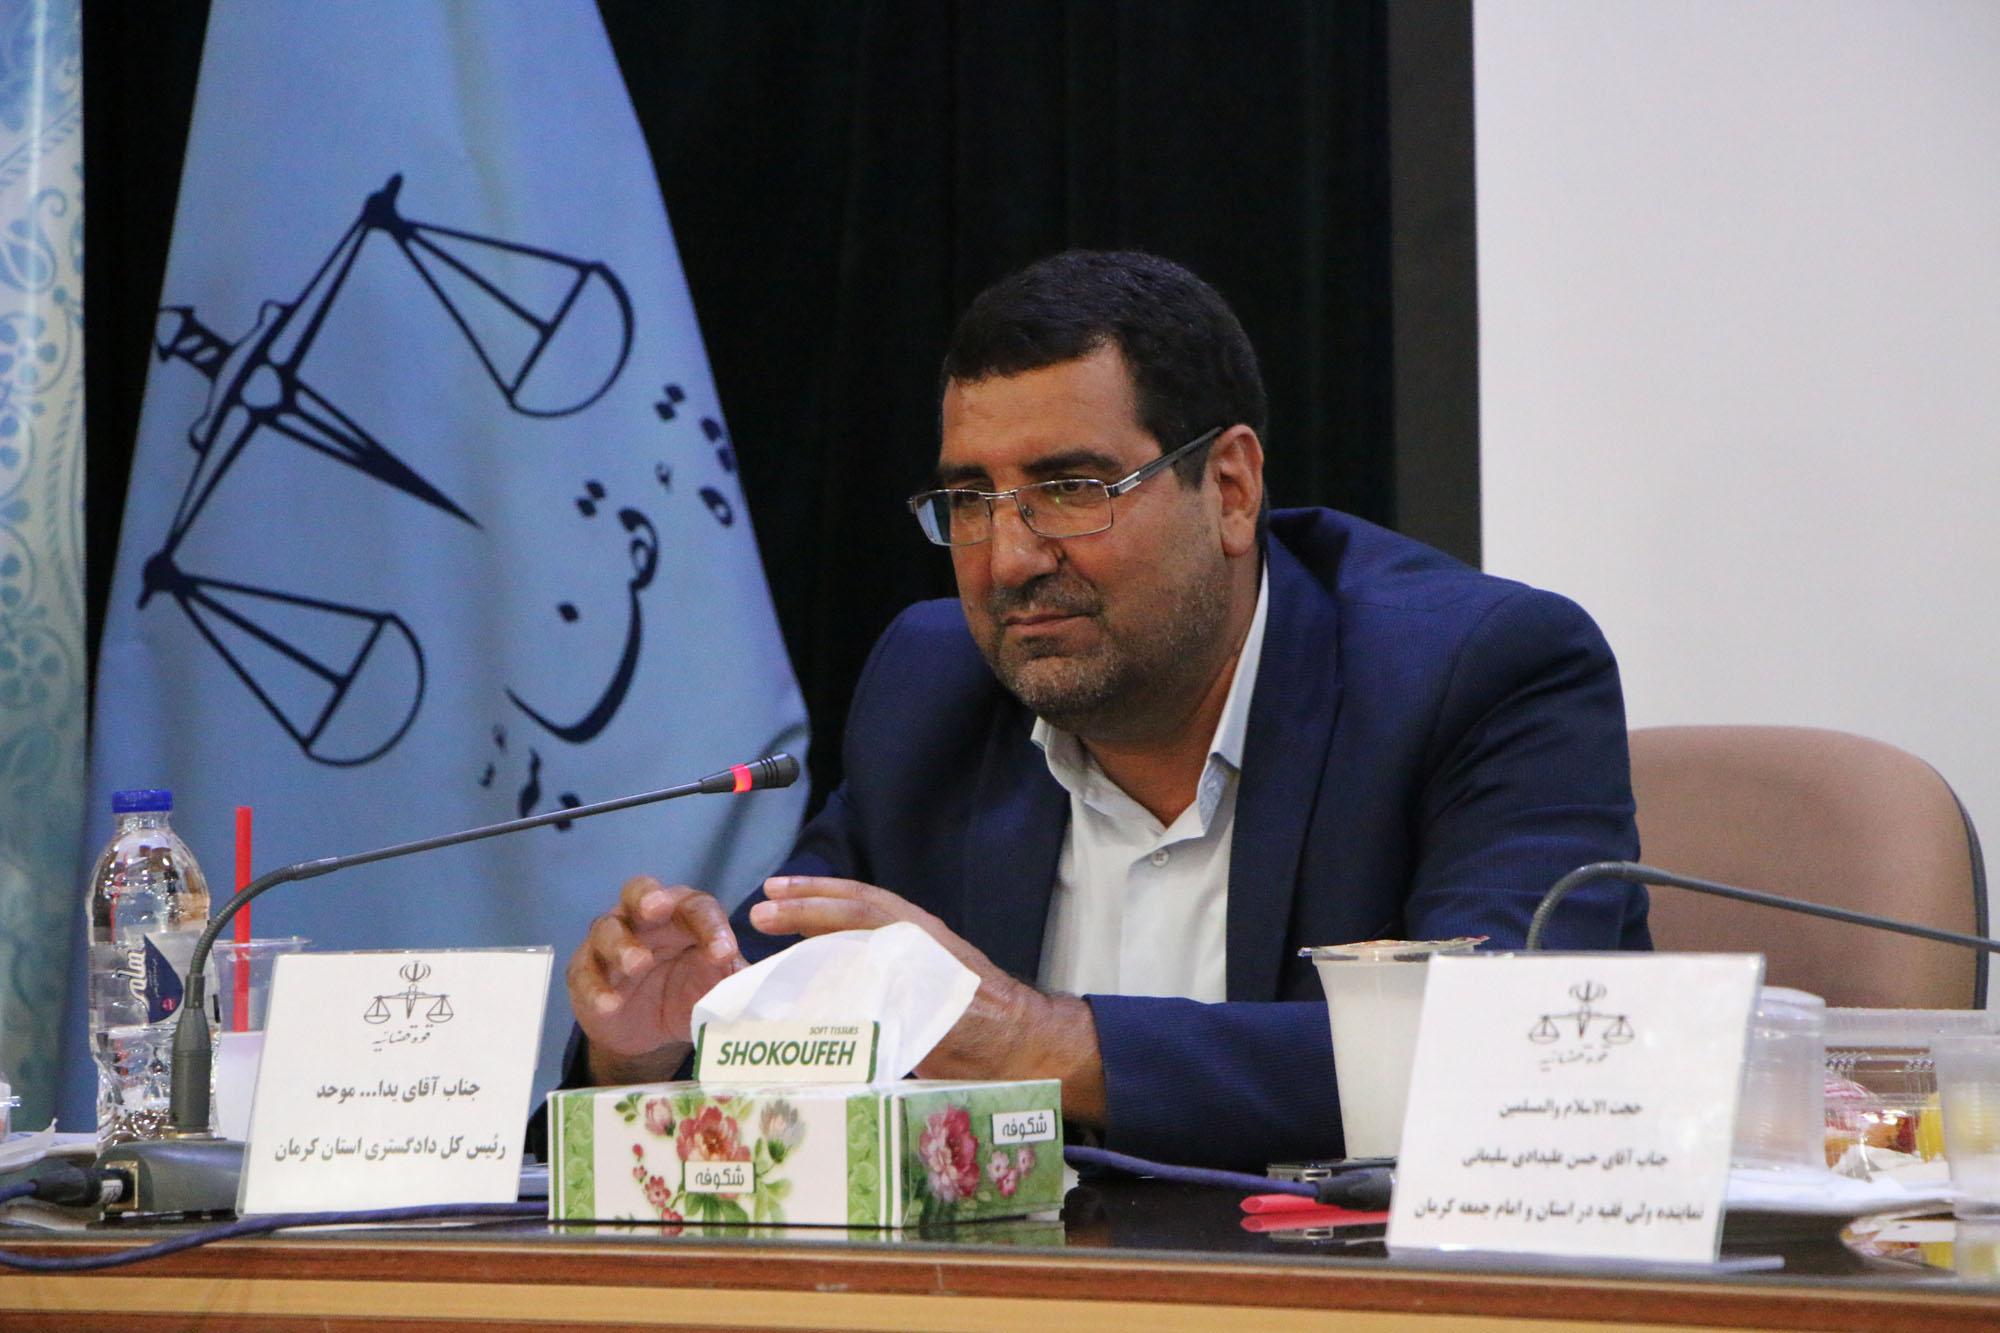 ورودی پرونده به محاکم بدوی استان کرمان ۱۶ هزار و ۵۹۰ فقره است